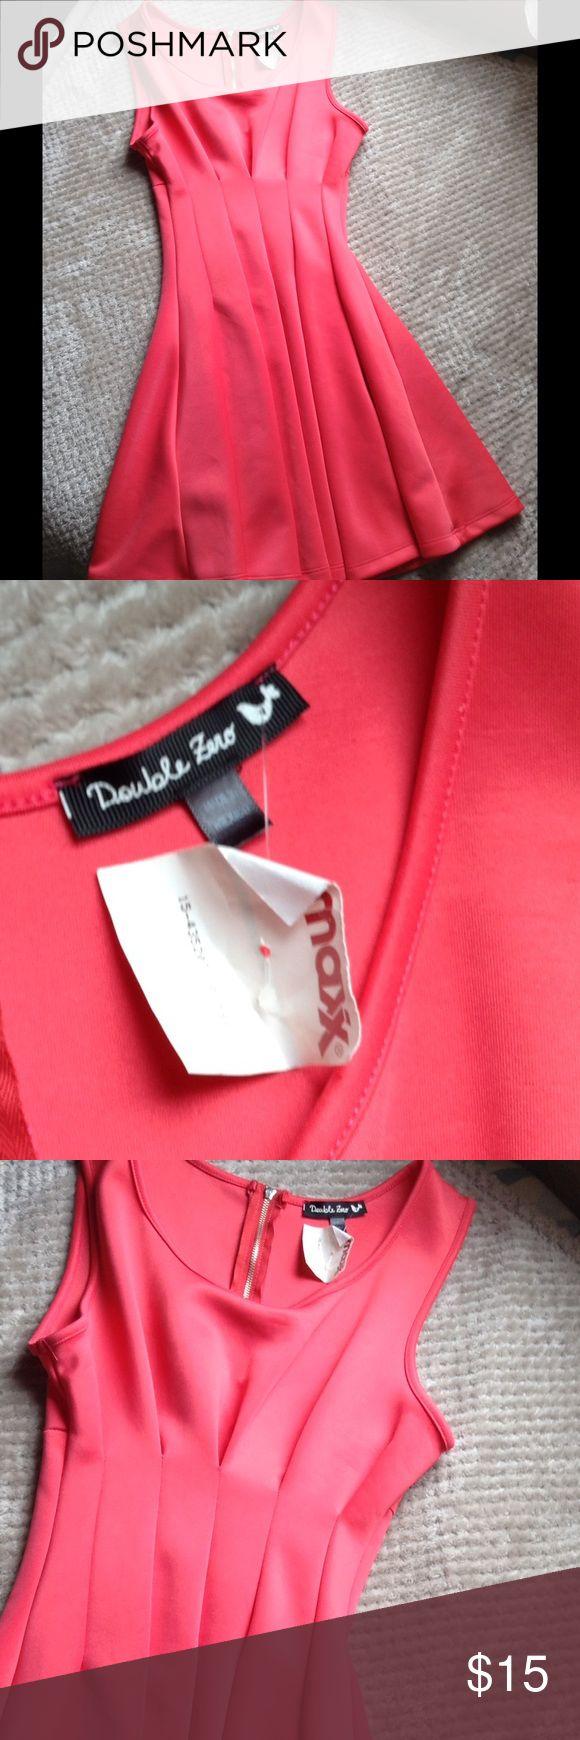 Brand New Bright Coral/Pink Dress Size Small Brand New TJ Max Bright Coral/Pink Dress Size Small tj max Dresses Mini